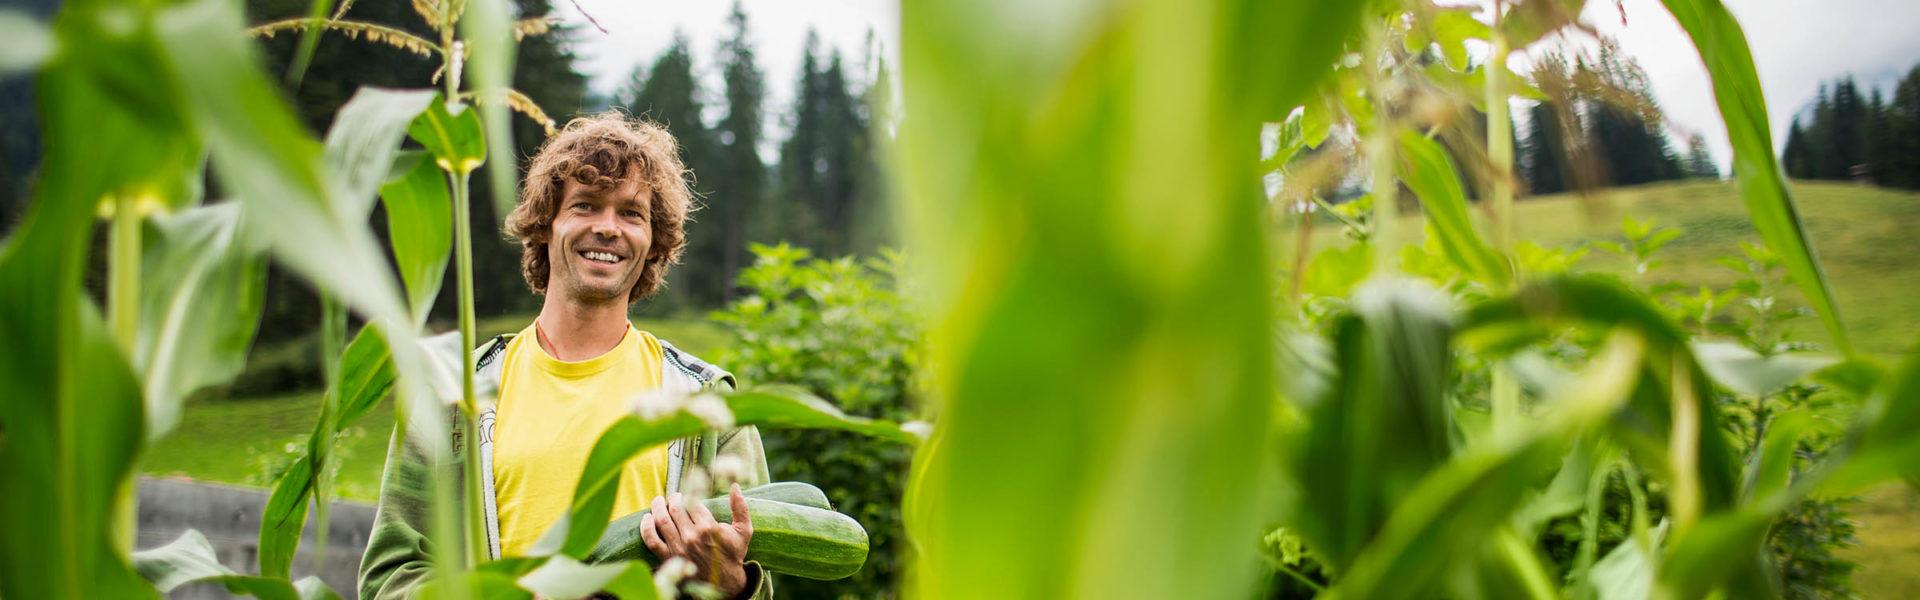 Permakulturgärtner Andreas Haller in seinem Garten im Kleinwalsertal, Genussmenschen in Vorarlberg© Darko Todorovic